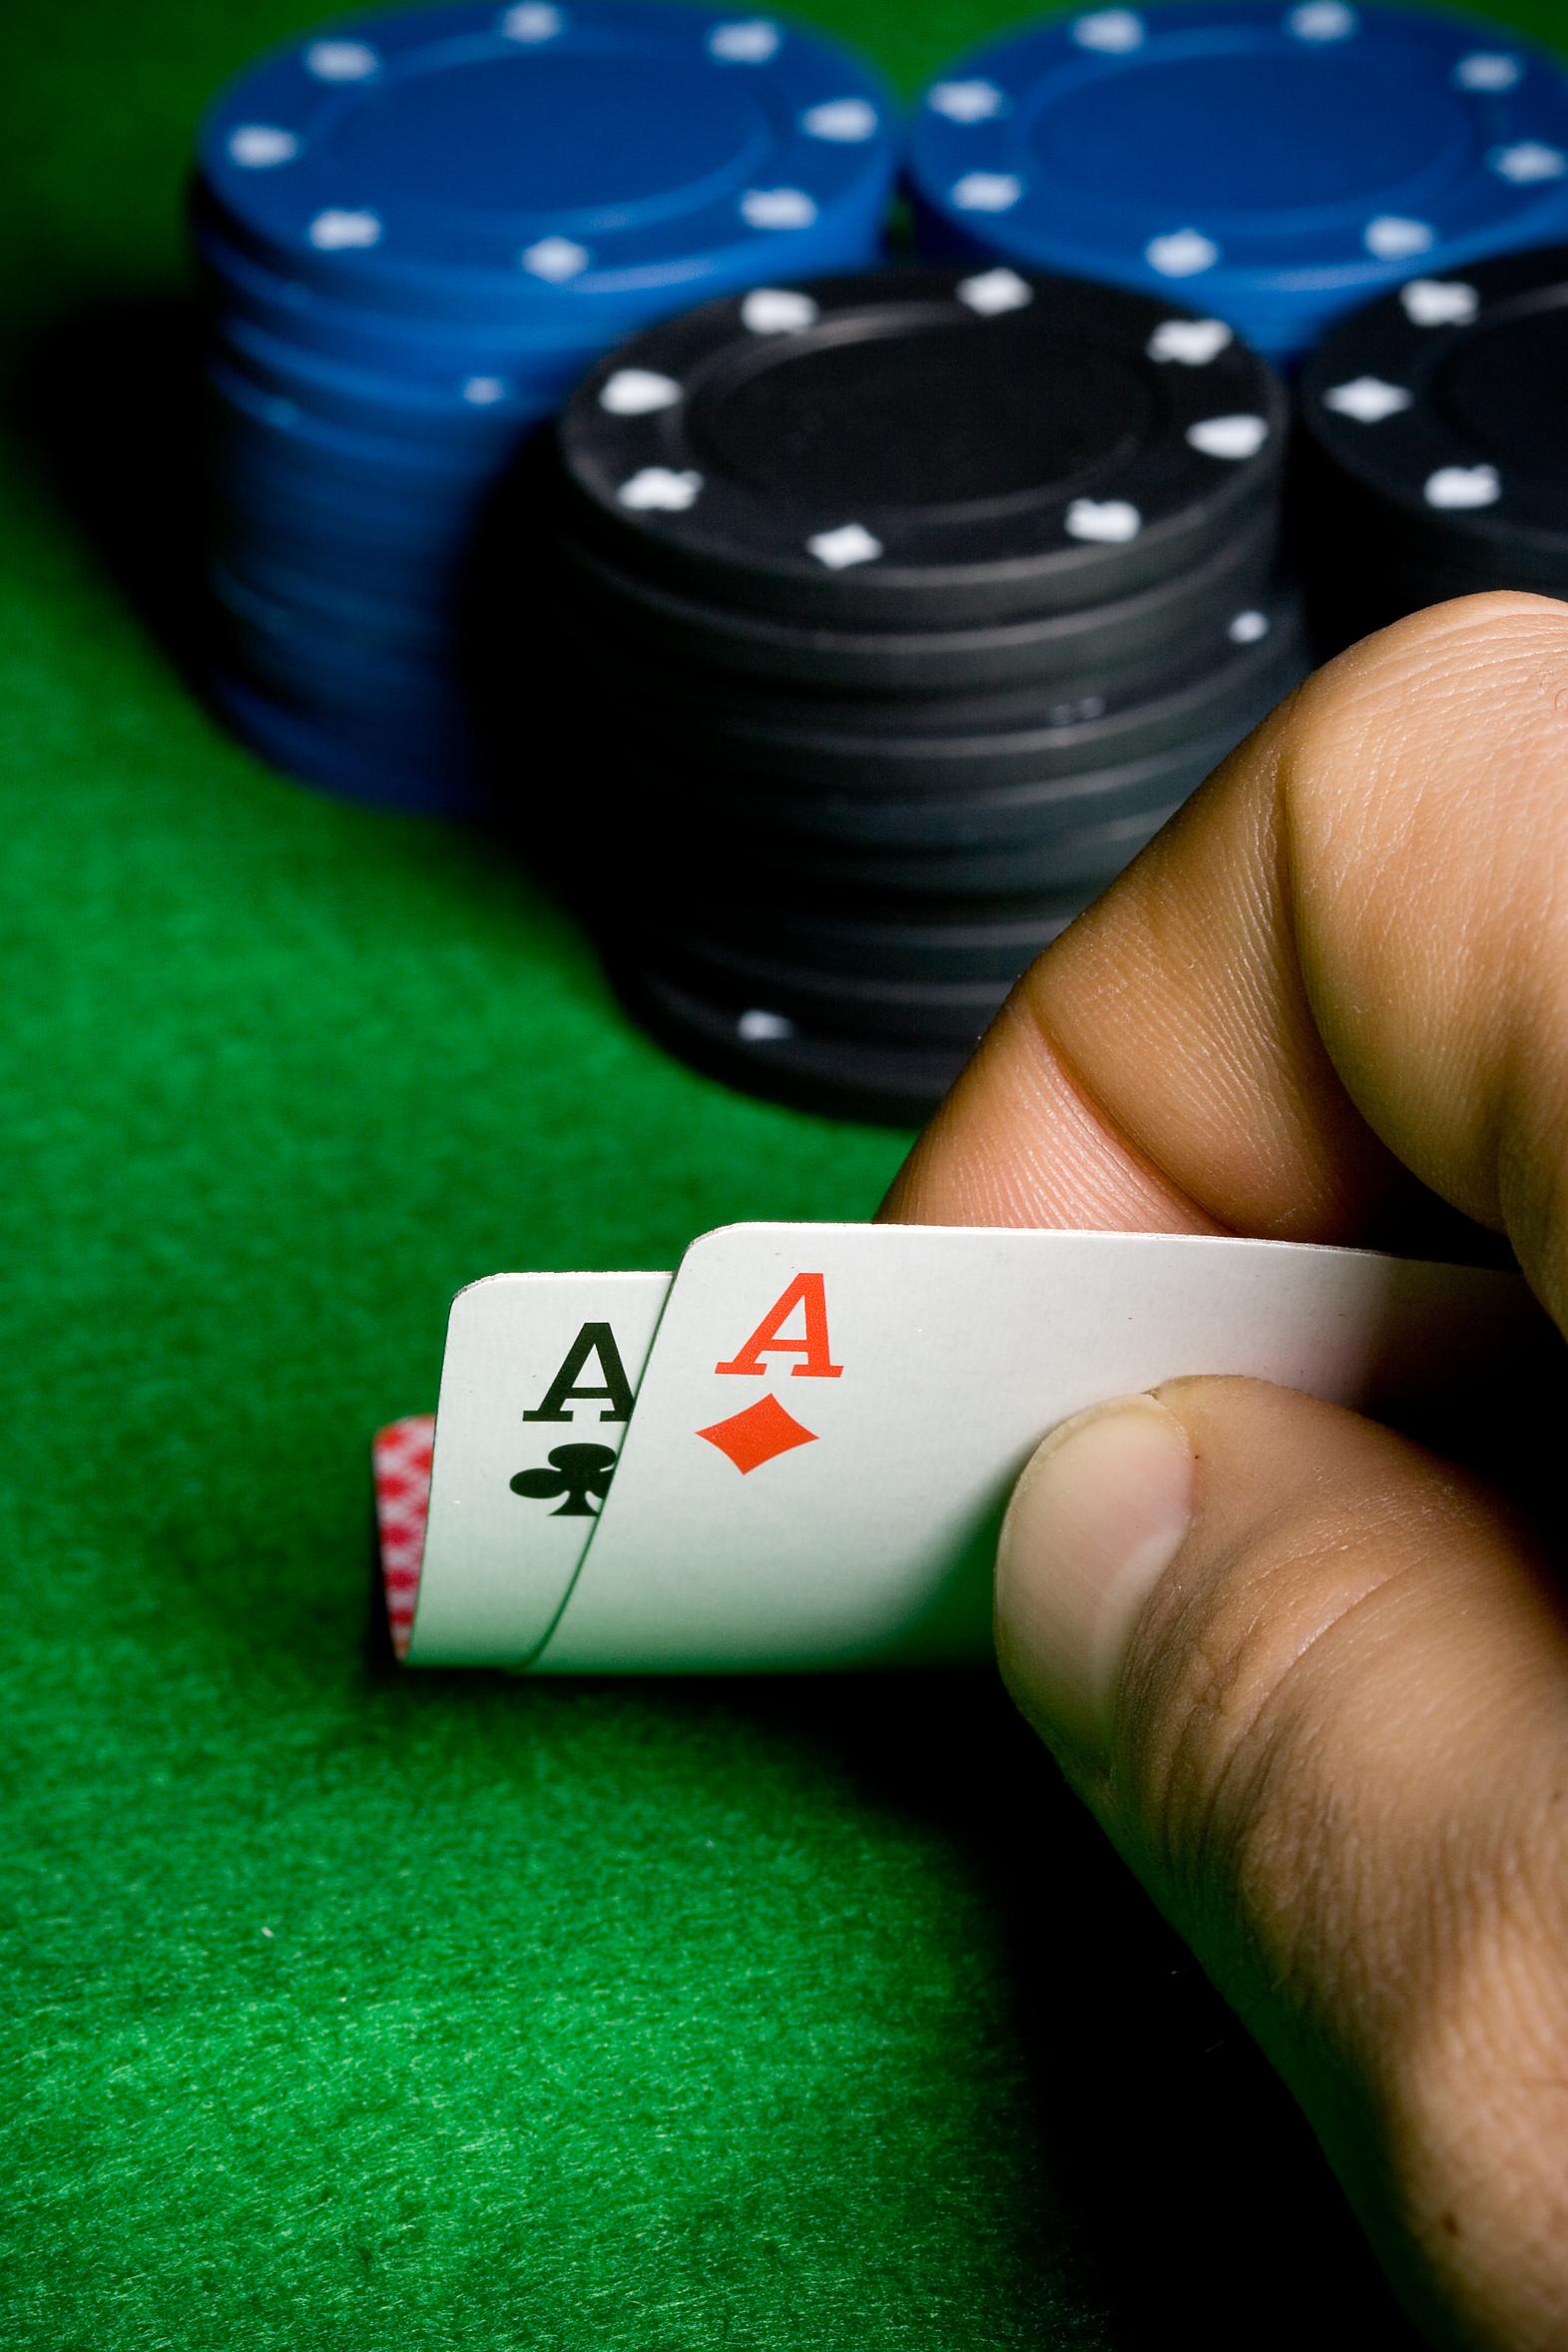 Développez vos qualités professionnelles grâce au poker !